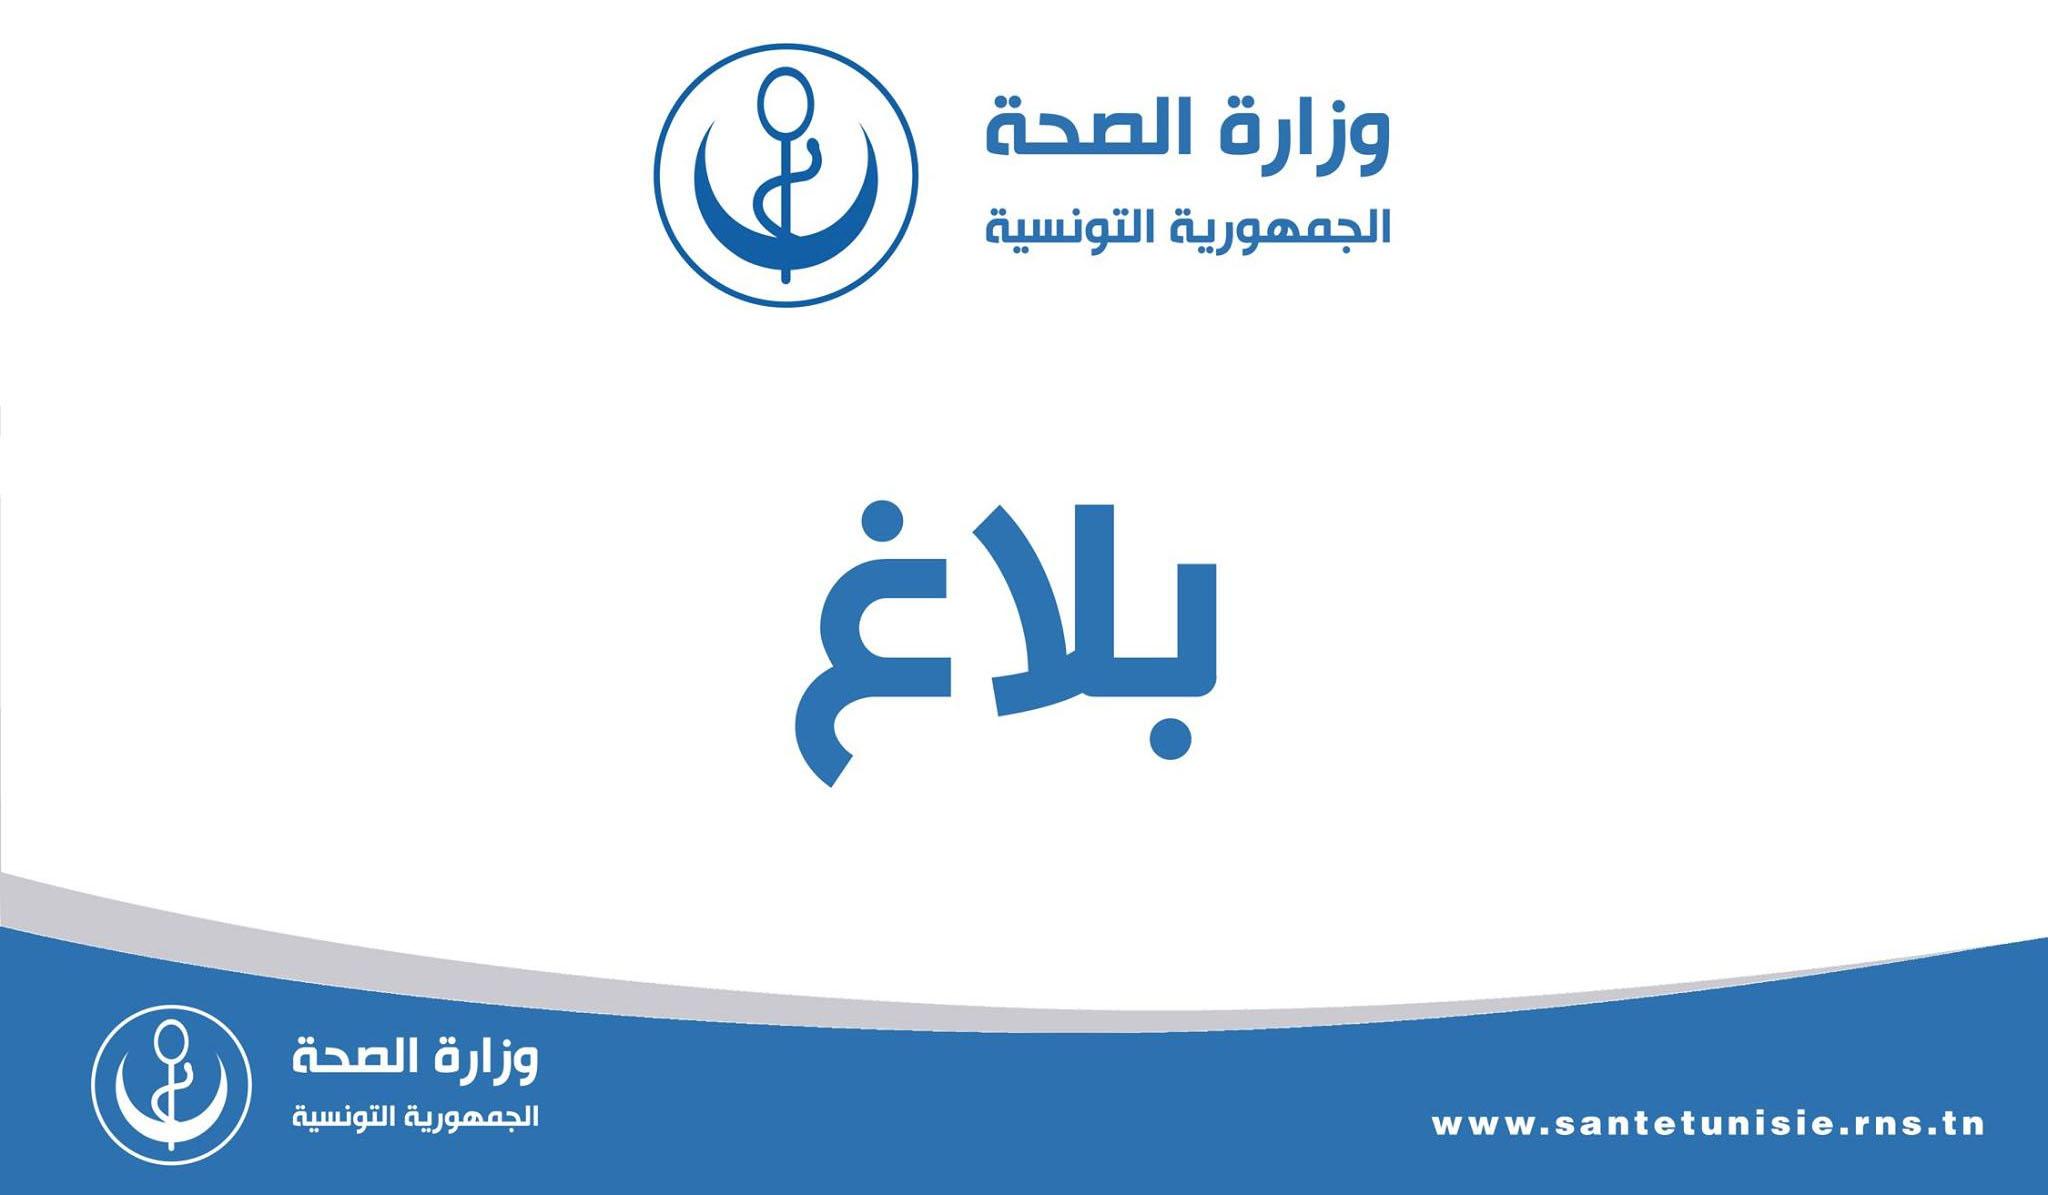 وزارة الصحة التلقيح ضد النزلة الموسمية متوفر حاليا